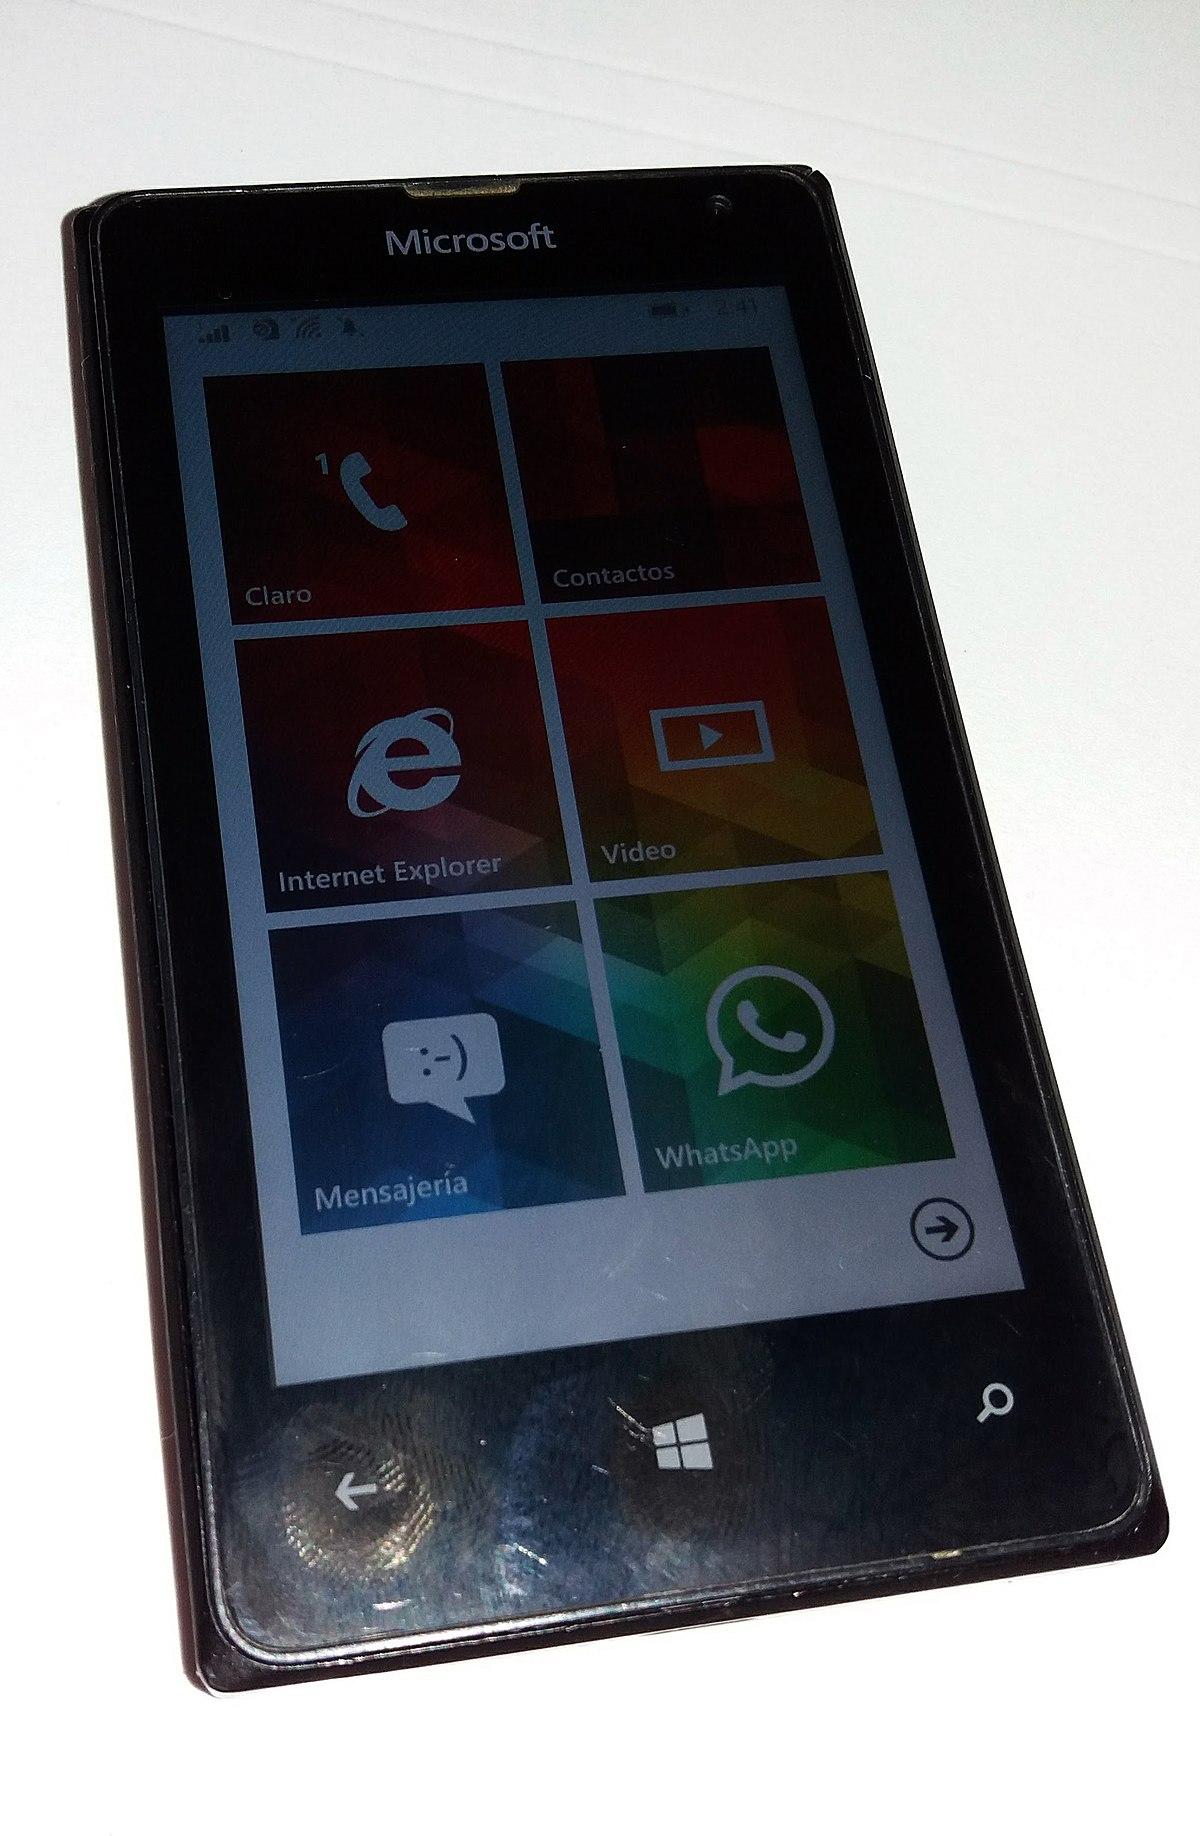 zune para nokia lumia 710 em portugues